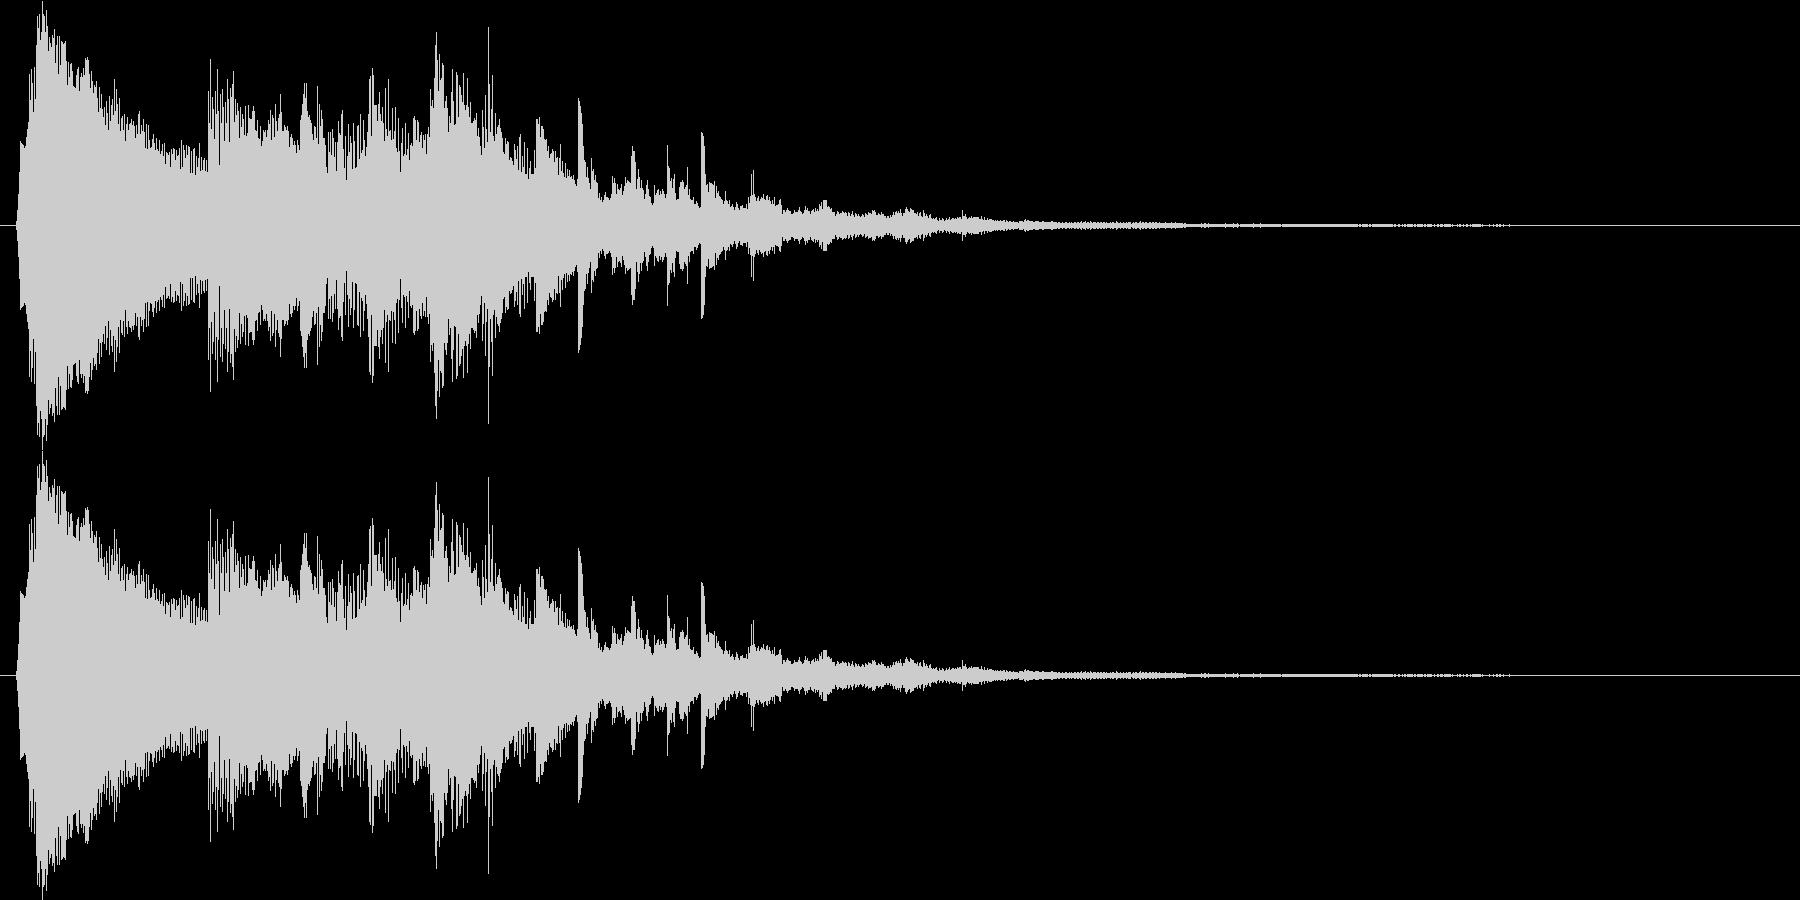 キラキラとしたベルのスタート音の未再生の波形